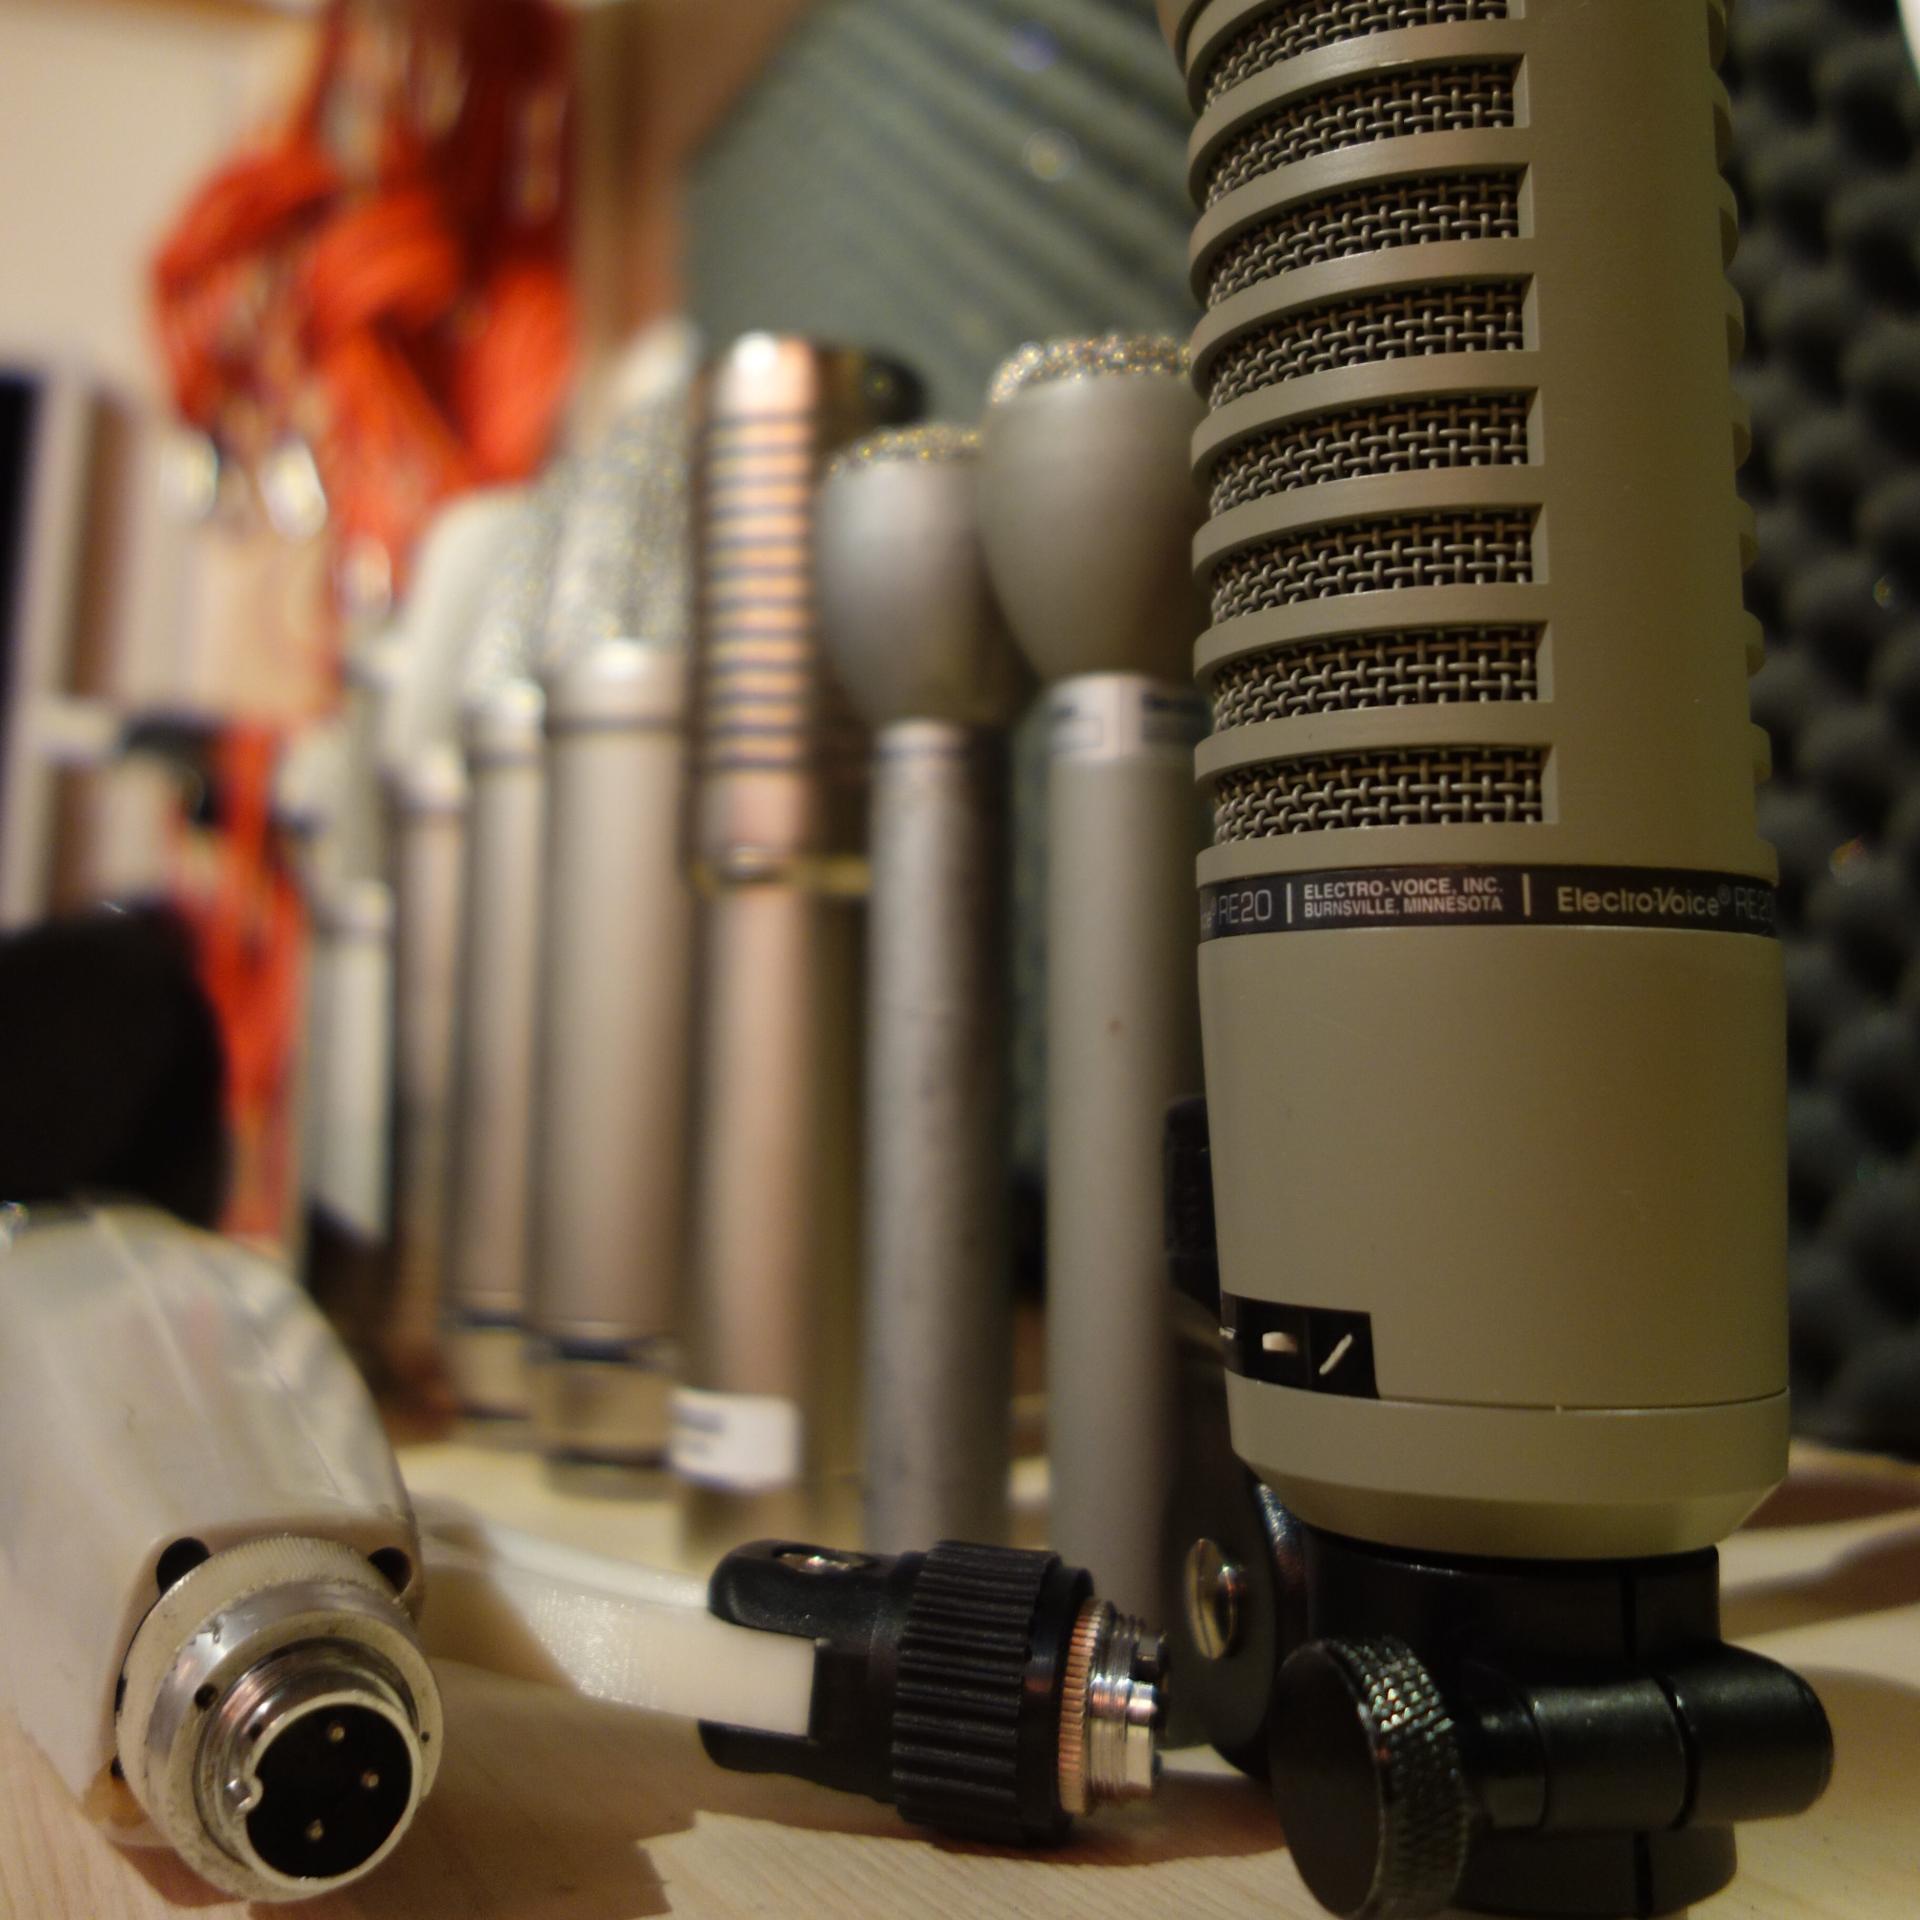 Akg - Rode - Bandmick - ribbon - Electro Voice - RE 20 - sennheiser 421 - SM7B